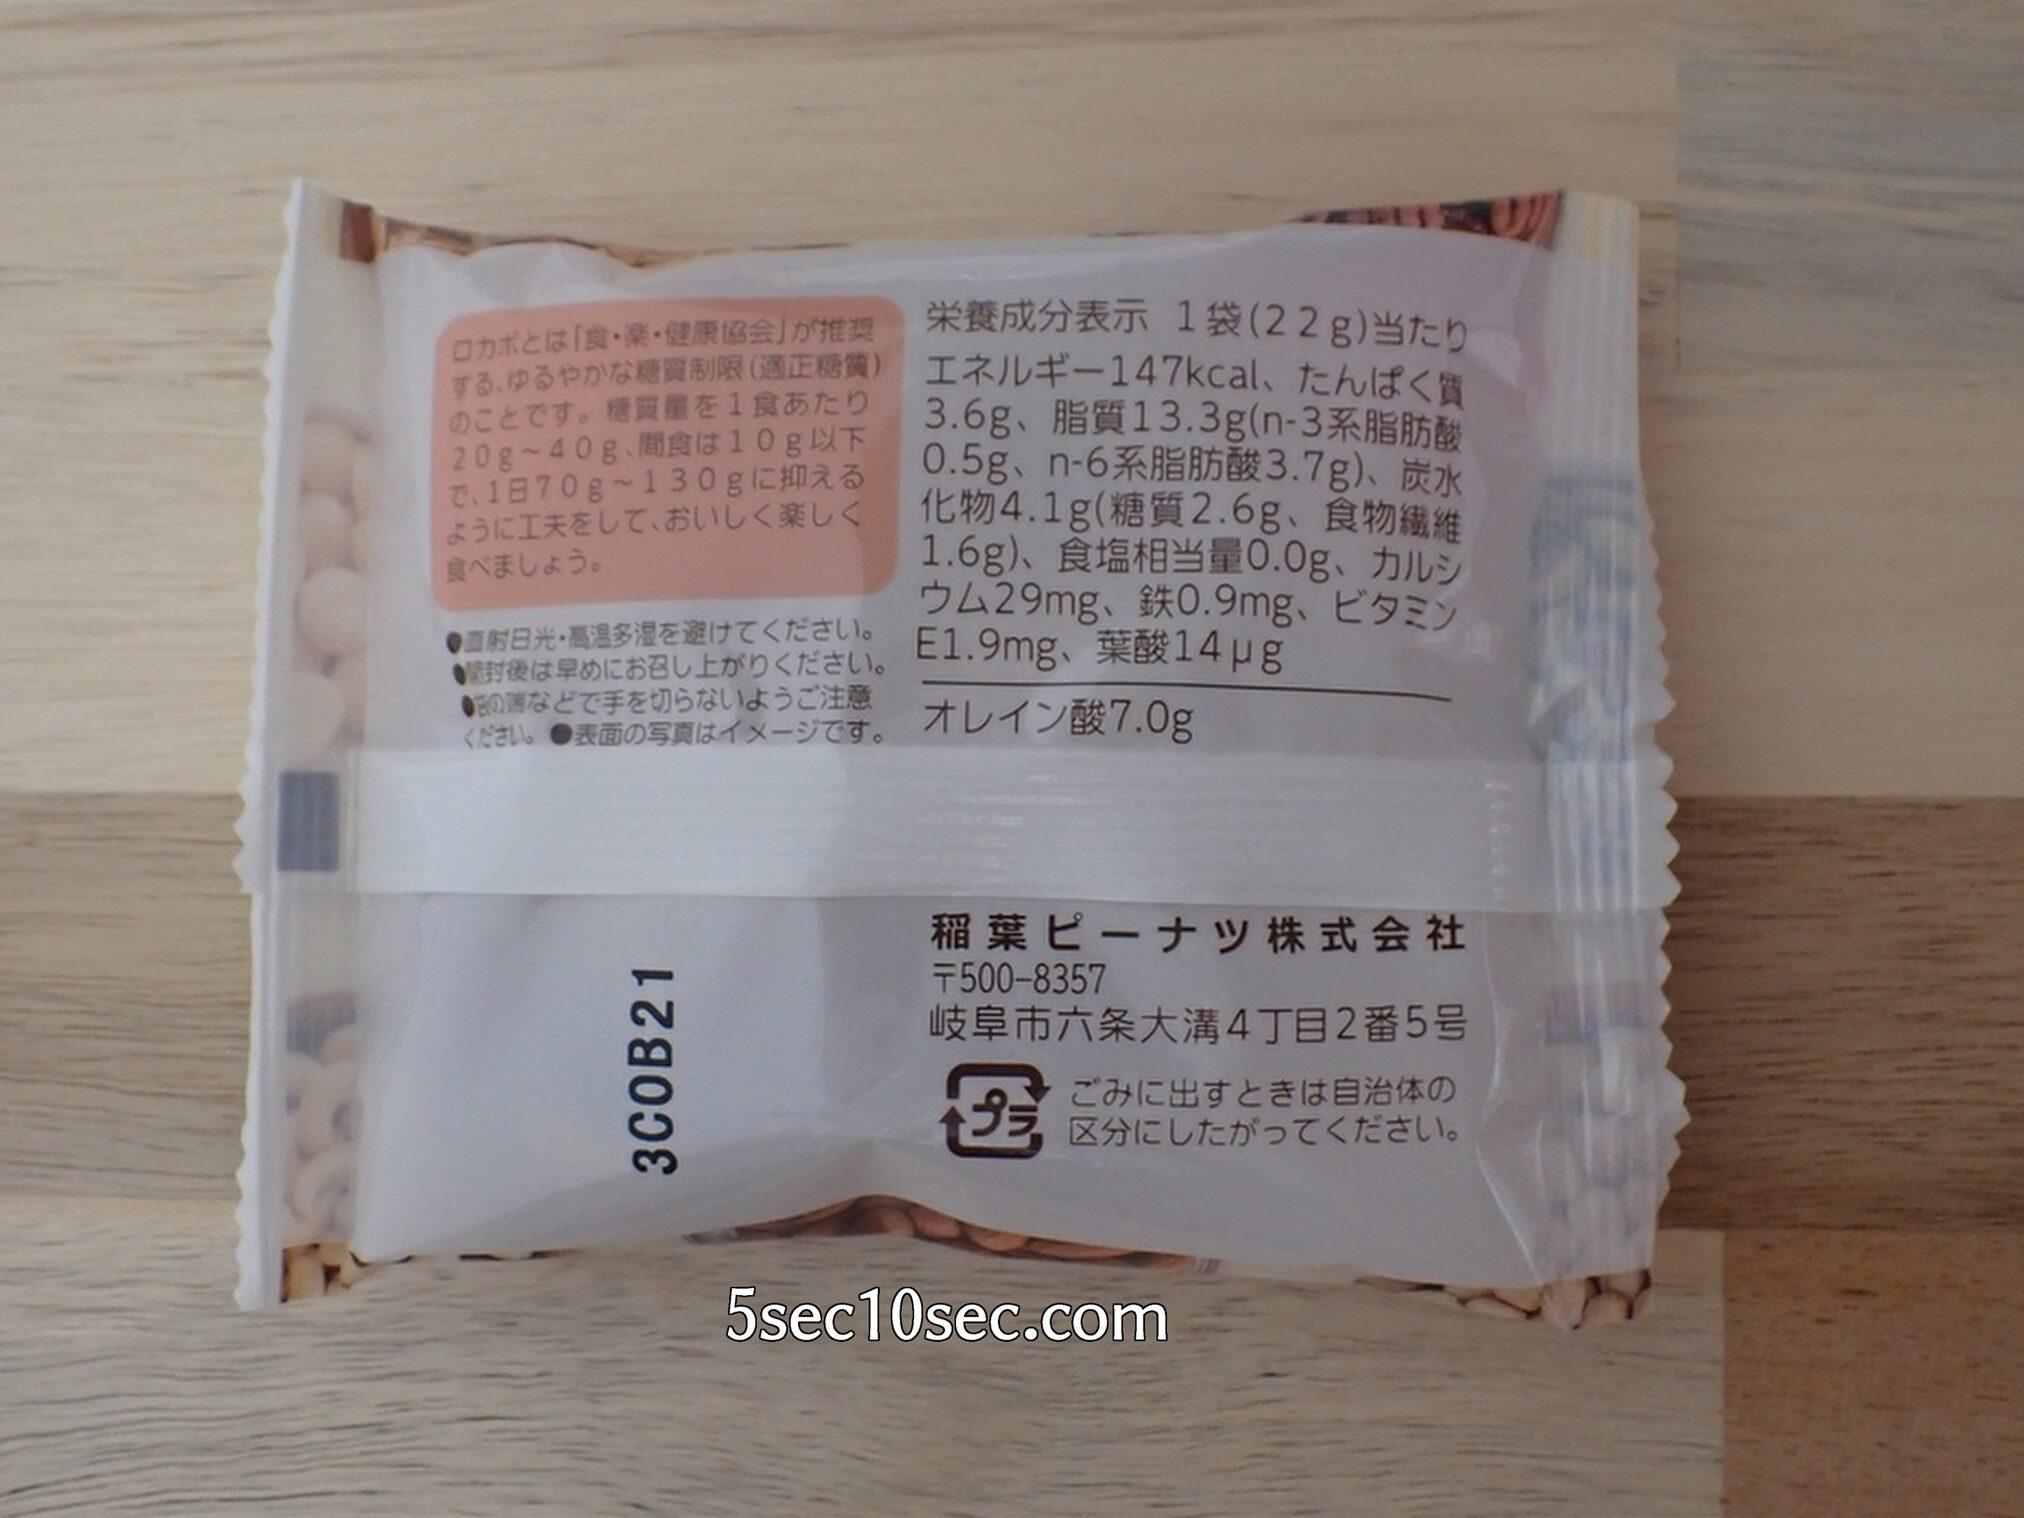 個包装のミックスナッツで一日分にちょうど良い内容量です 稲葉 inaba ナッツ好きの7種類ミックスナッツ